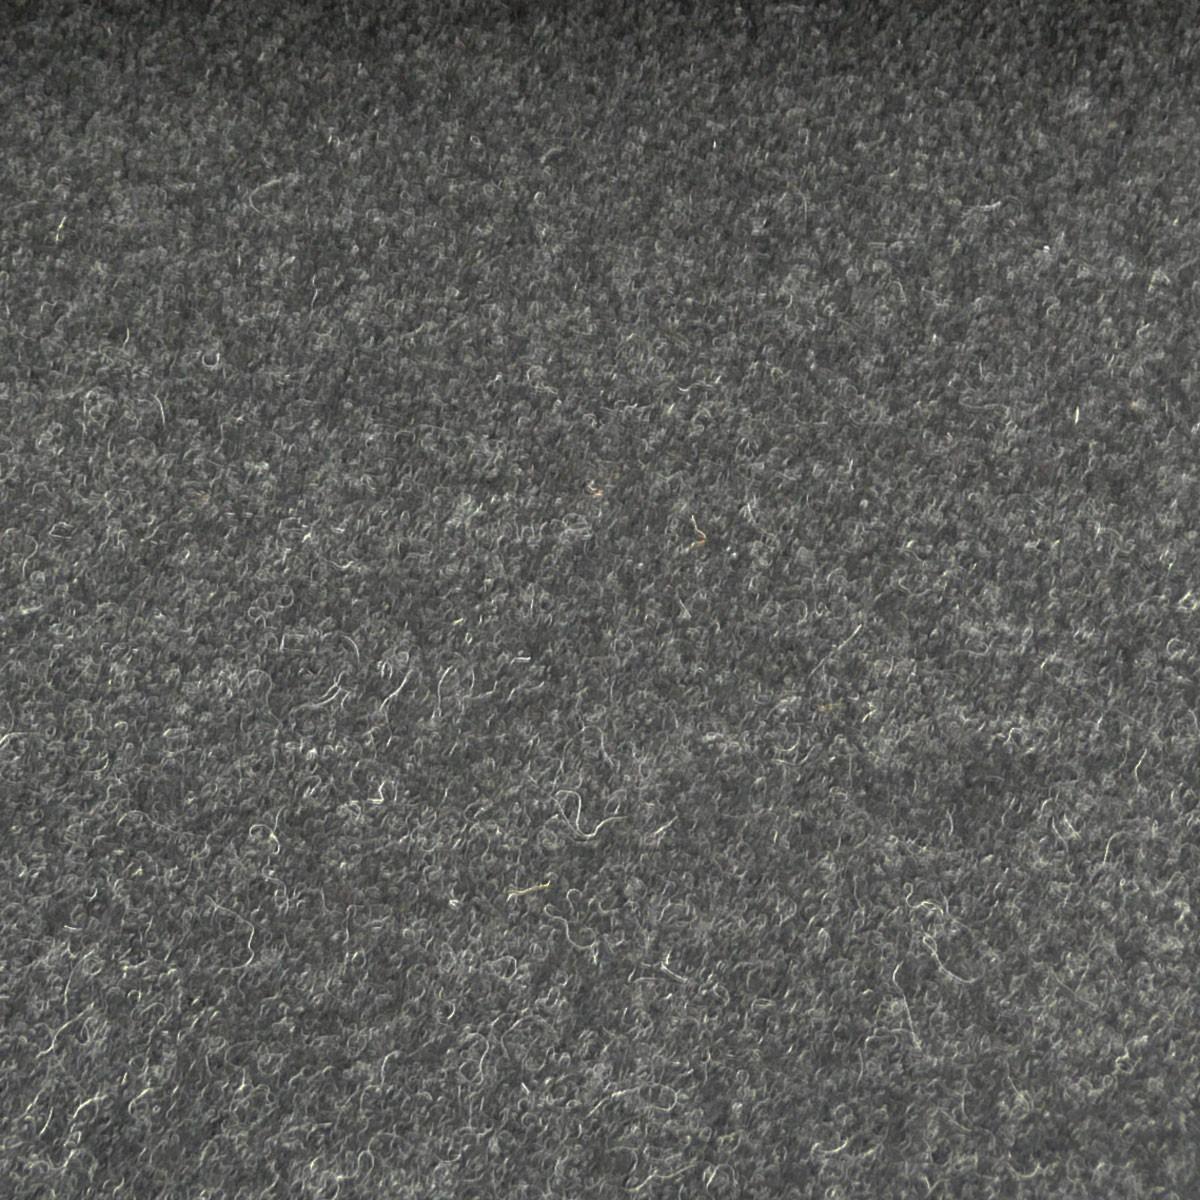 Mantelstoff Bekleidungsstoff Walkloden Wolle Meterware anthrazit meliert